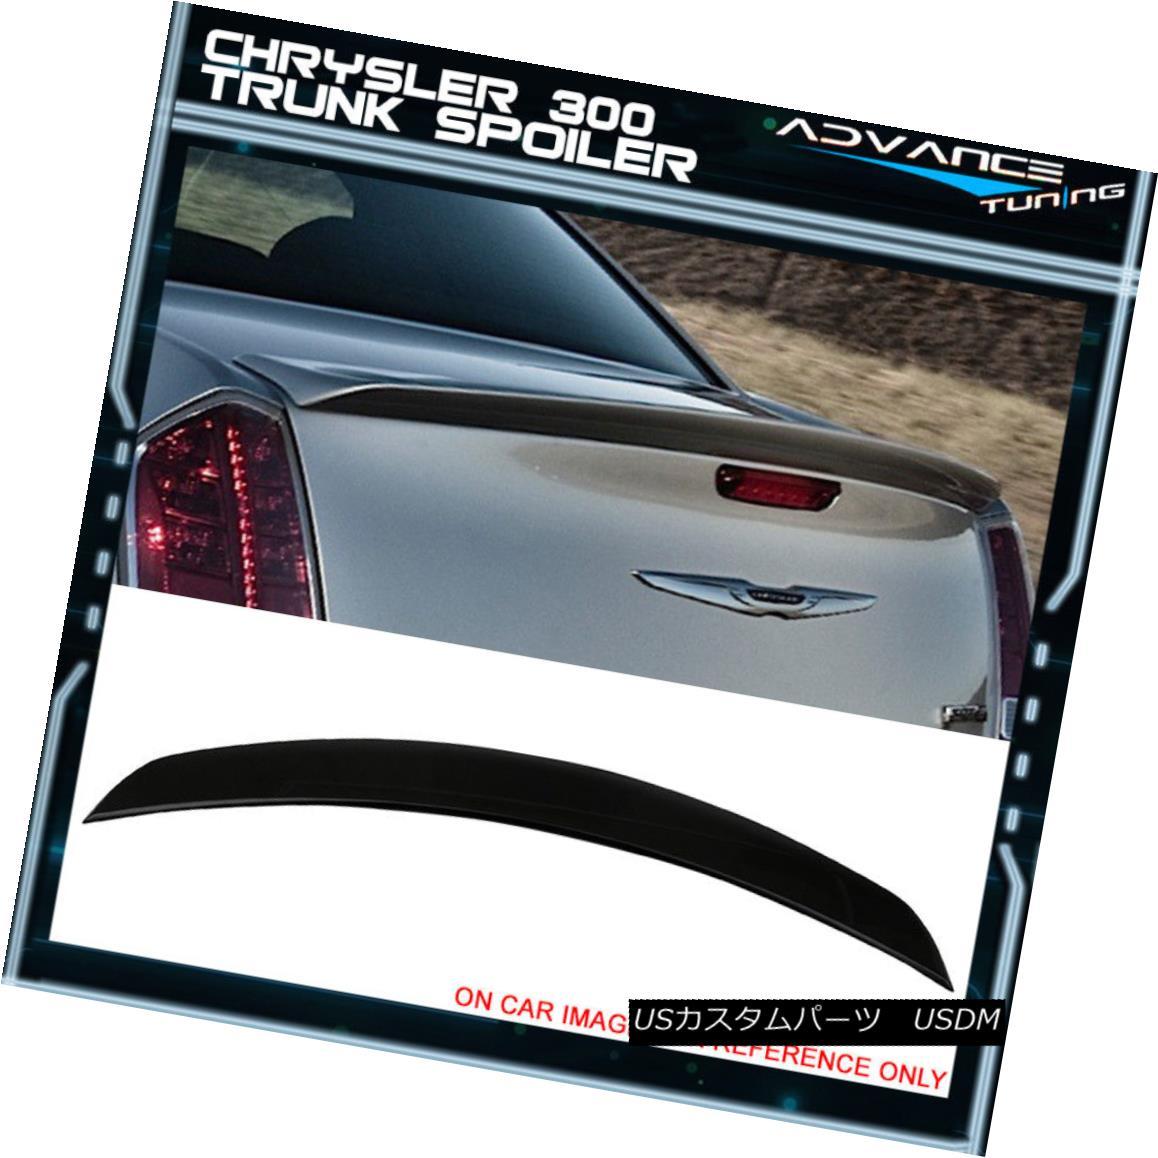 エアロパーツ Fits 11-18 Chrysler 300 300C 300S SRT SRT8 ABS Trunk Spoiler Painted #PX8 Black フィット11-18クライスラー300 300C 300S SRT SRT8 ABSトランクスポイラー#PX8黒塗装